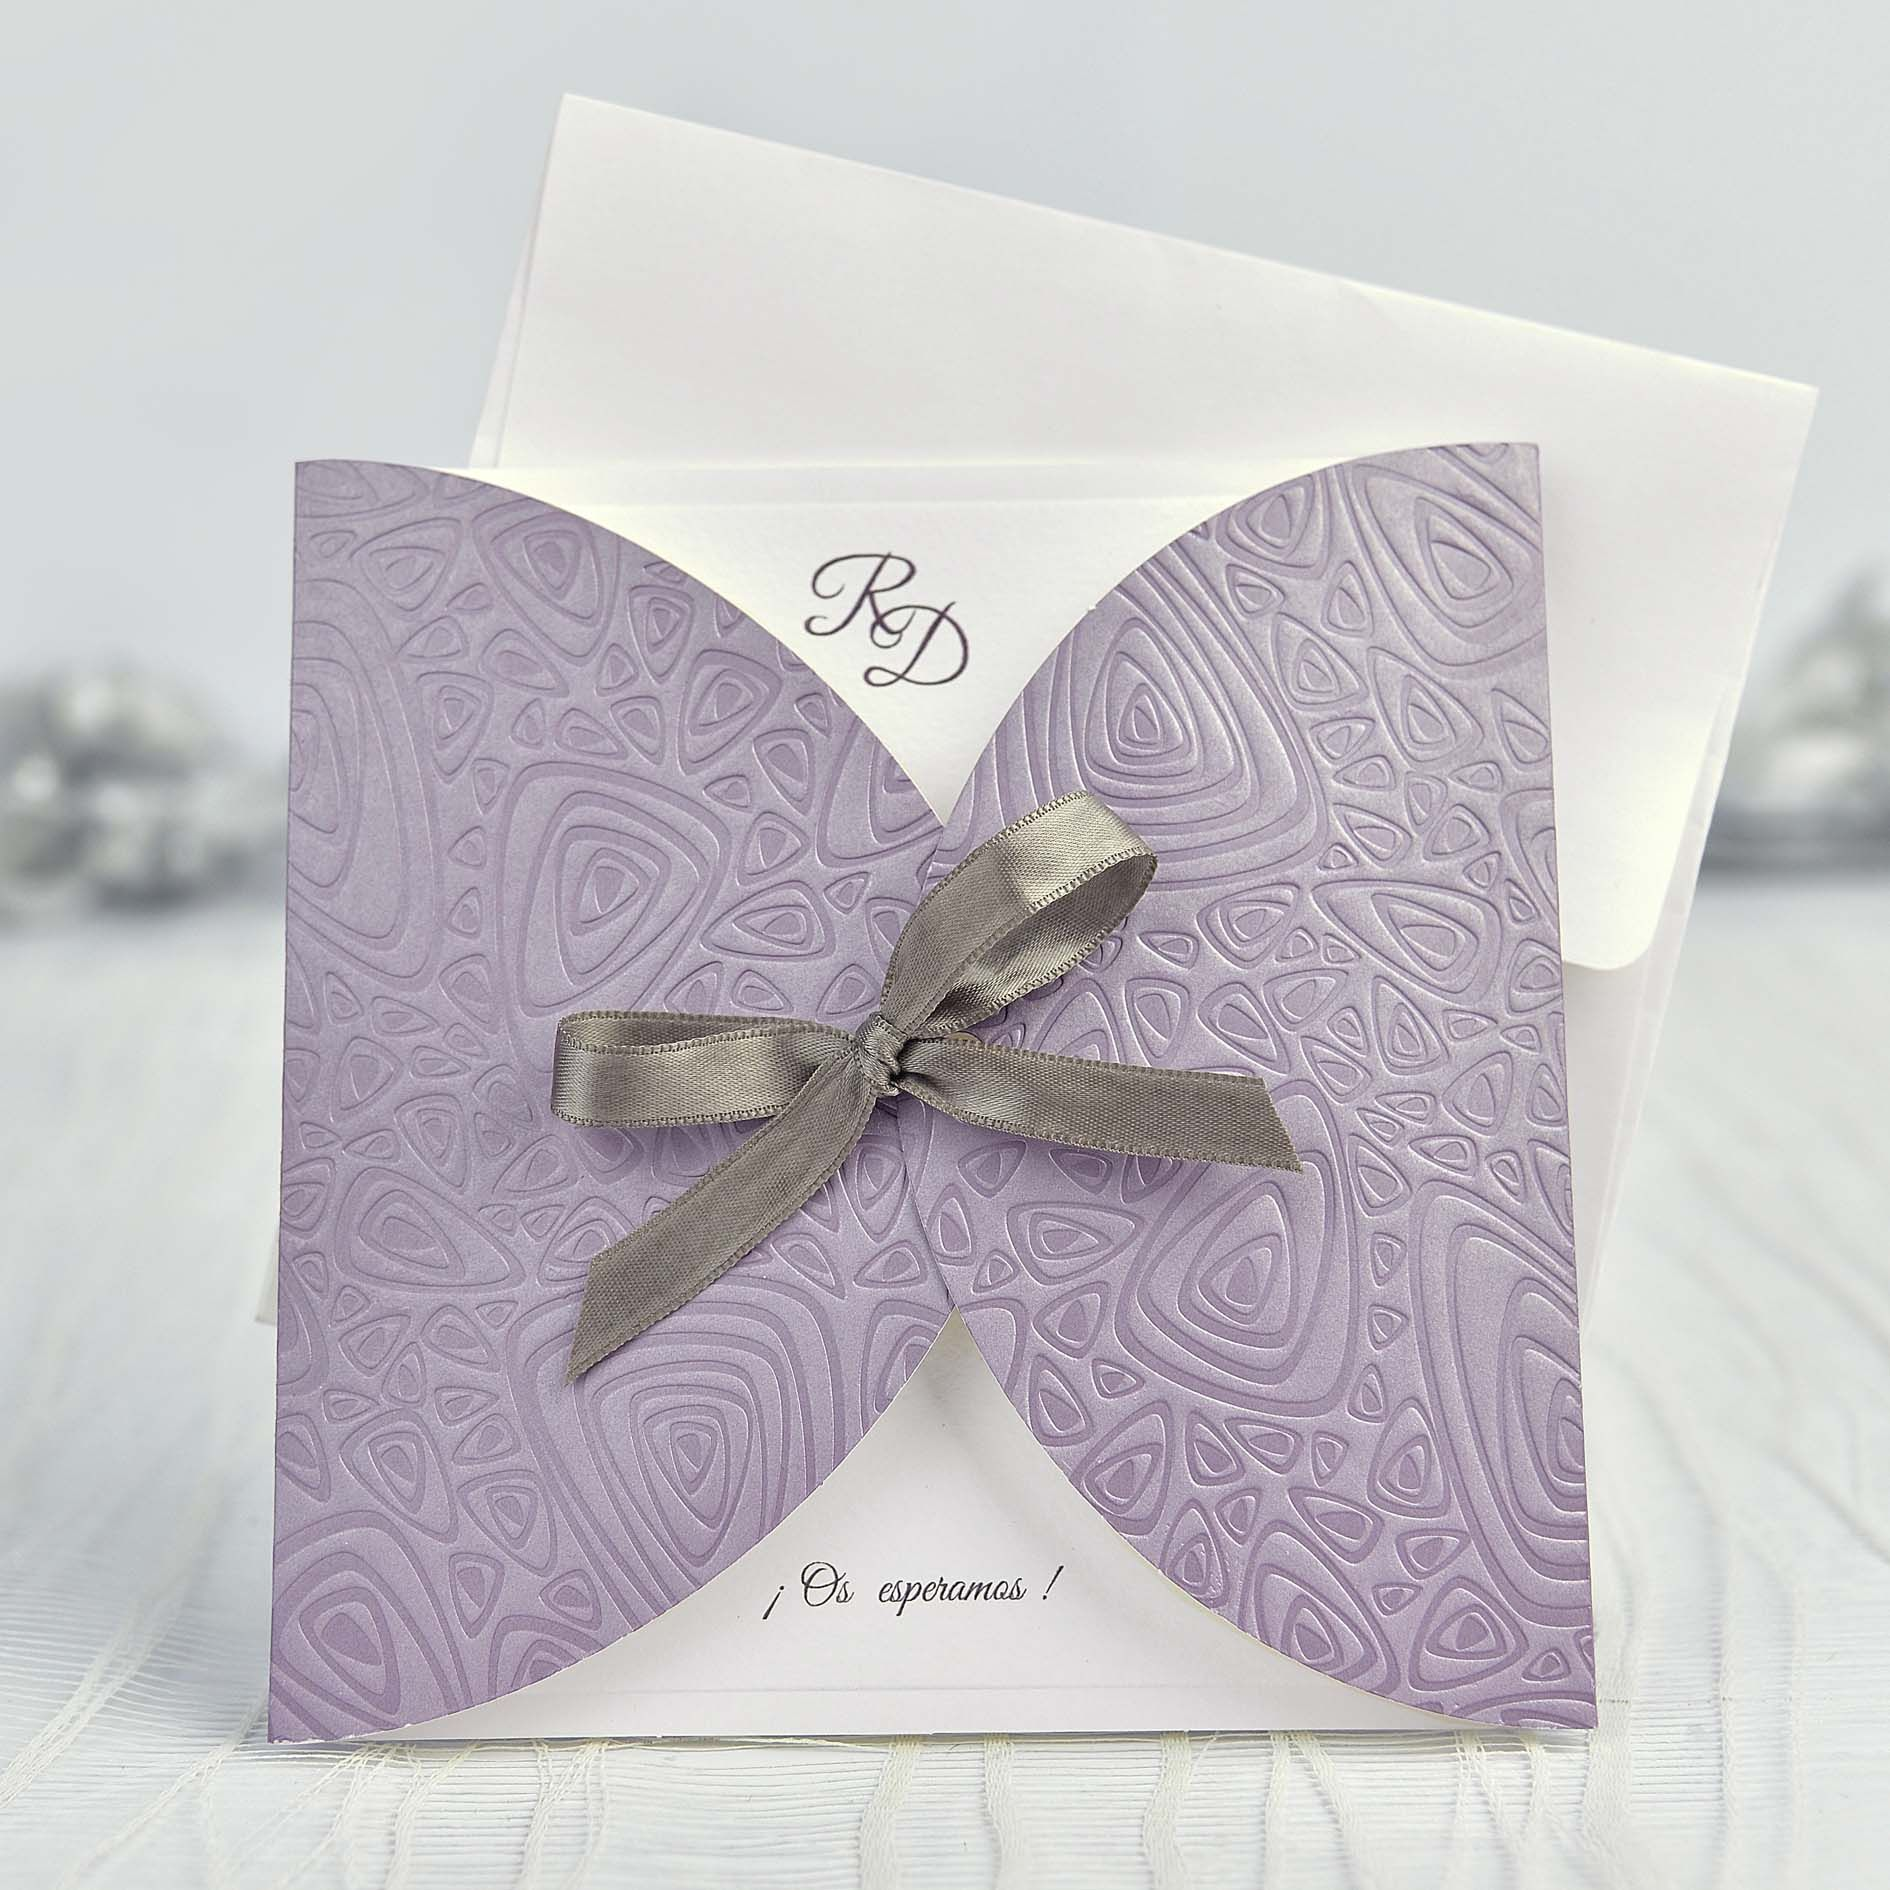 invitacin boda sencilla y elegante con lazo en color gris sobre fondo morado